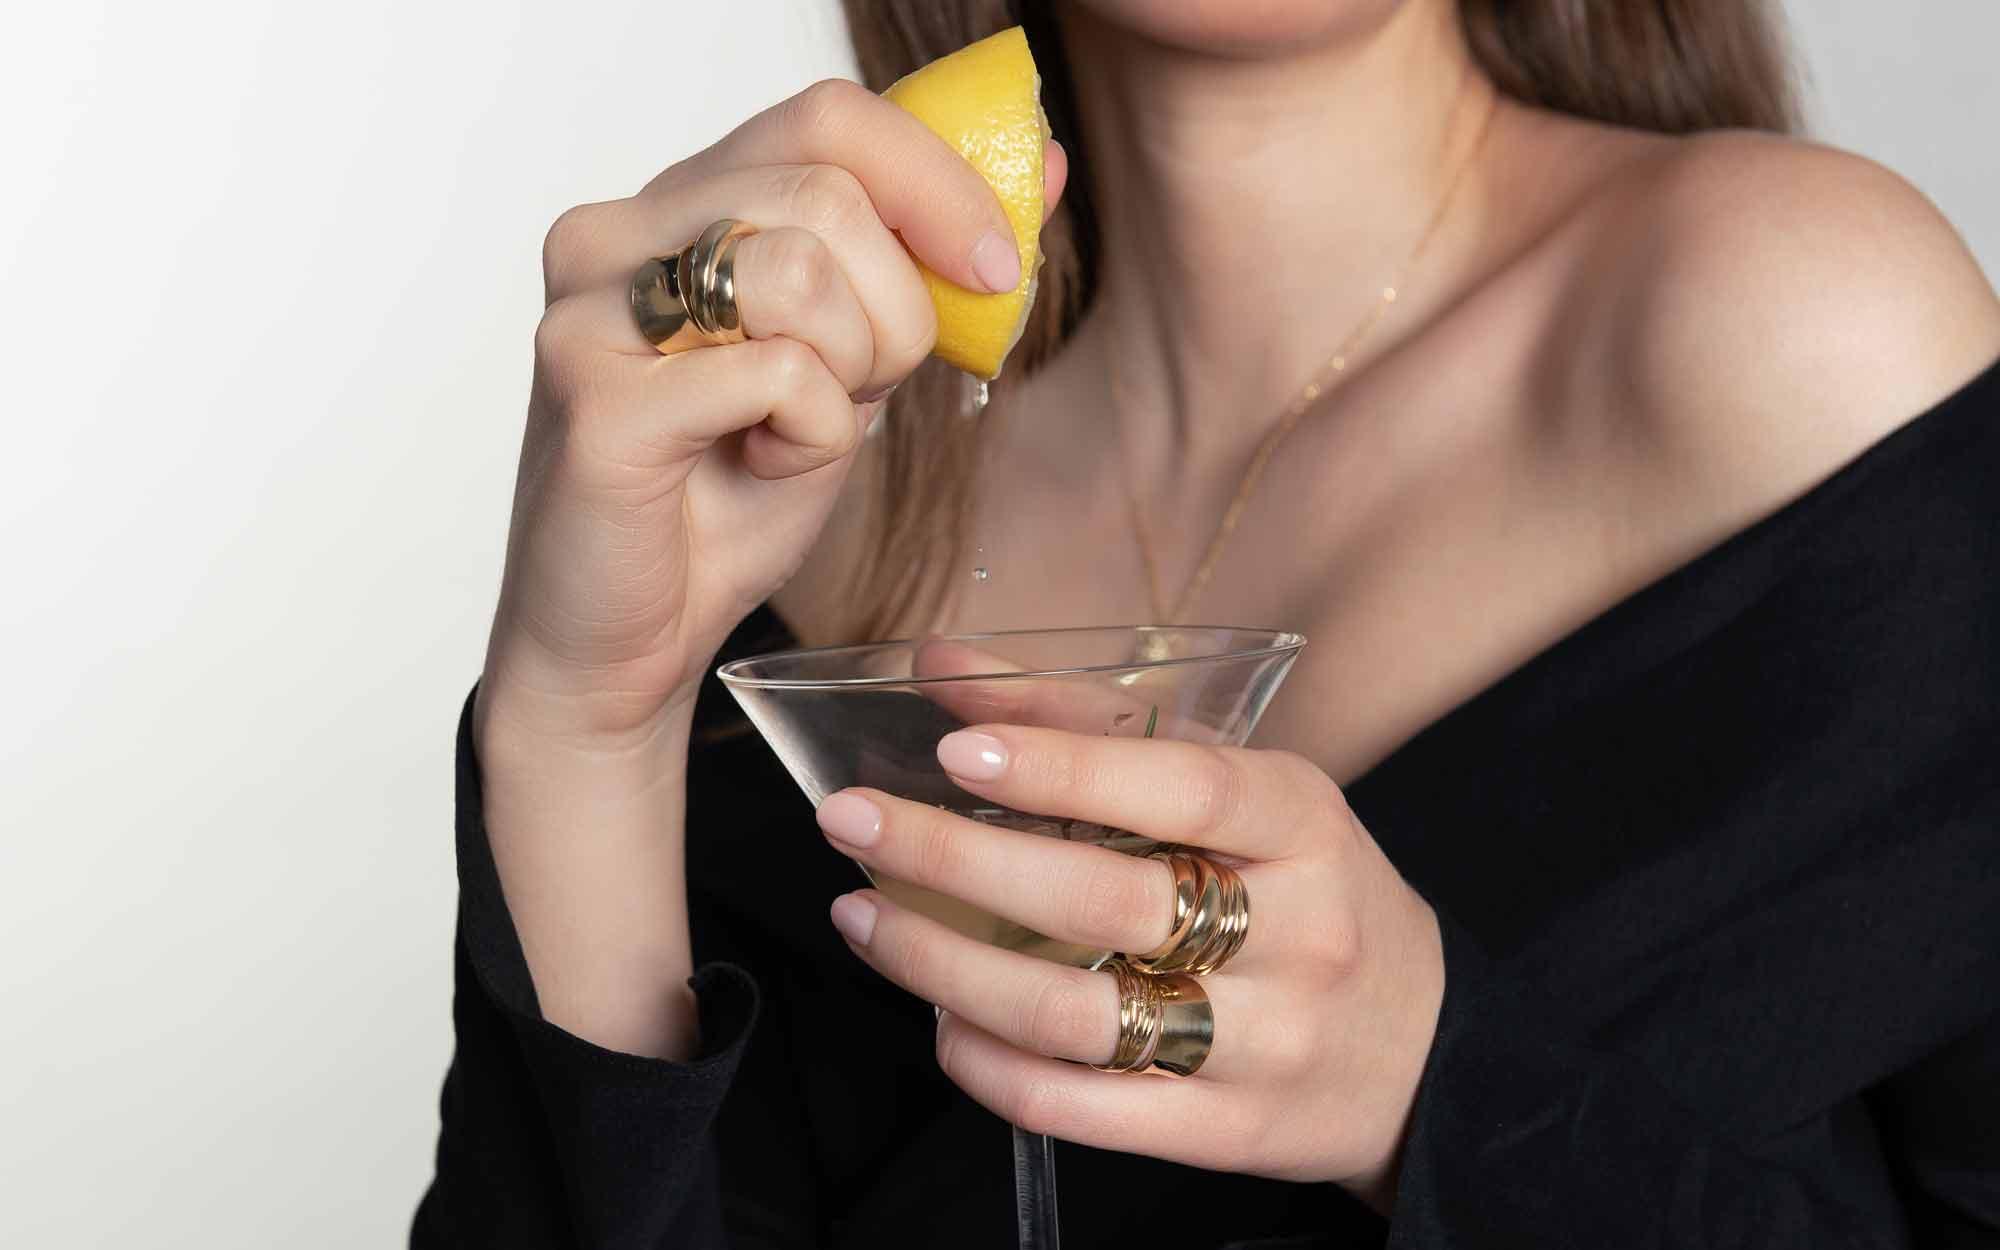 Tânără cu inele statement care stoarce lămâie într-un pahar de cocktail